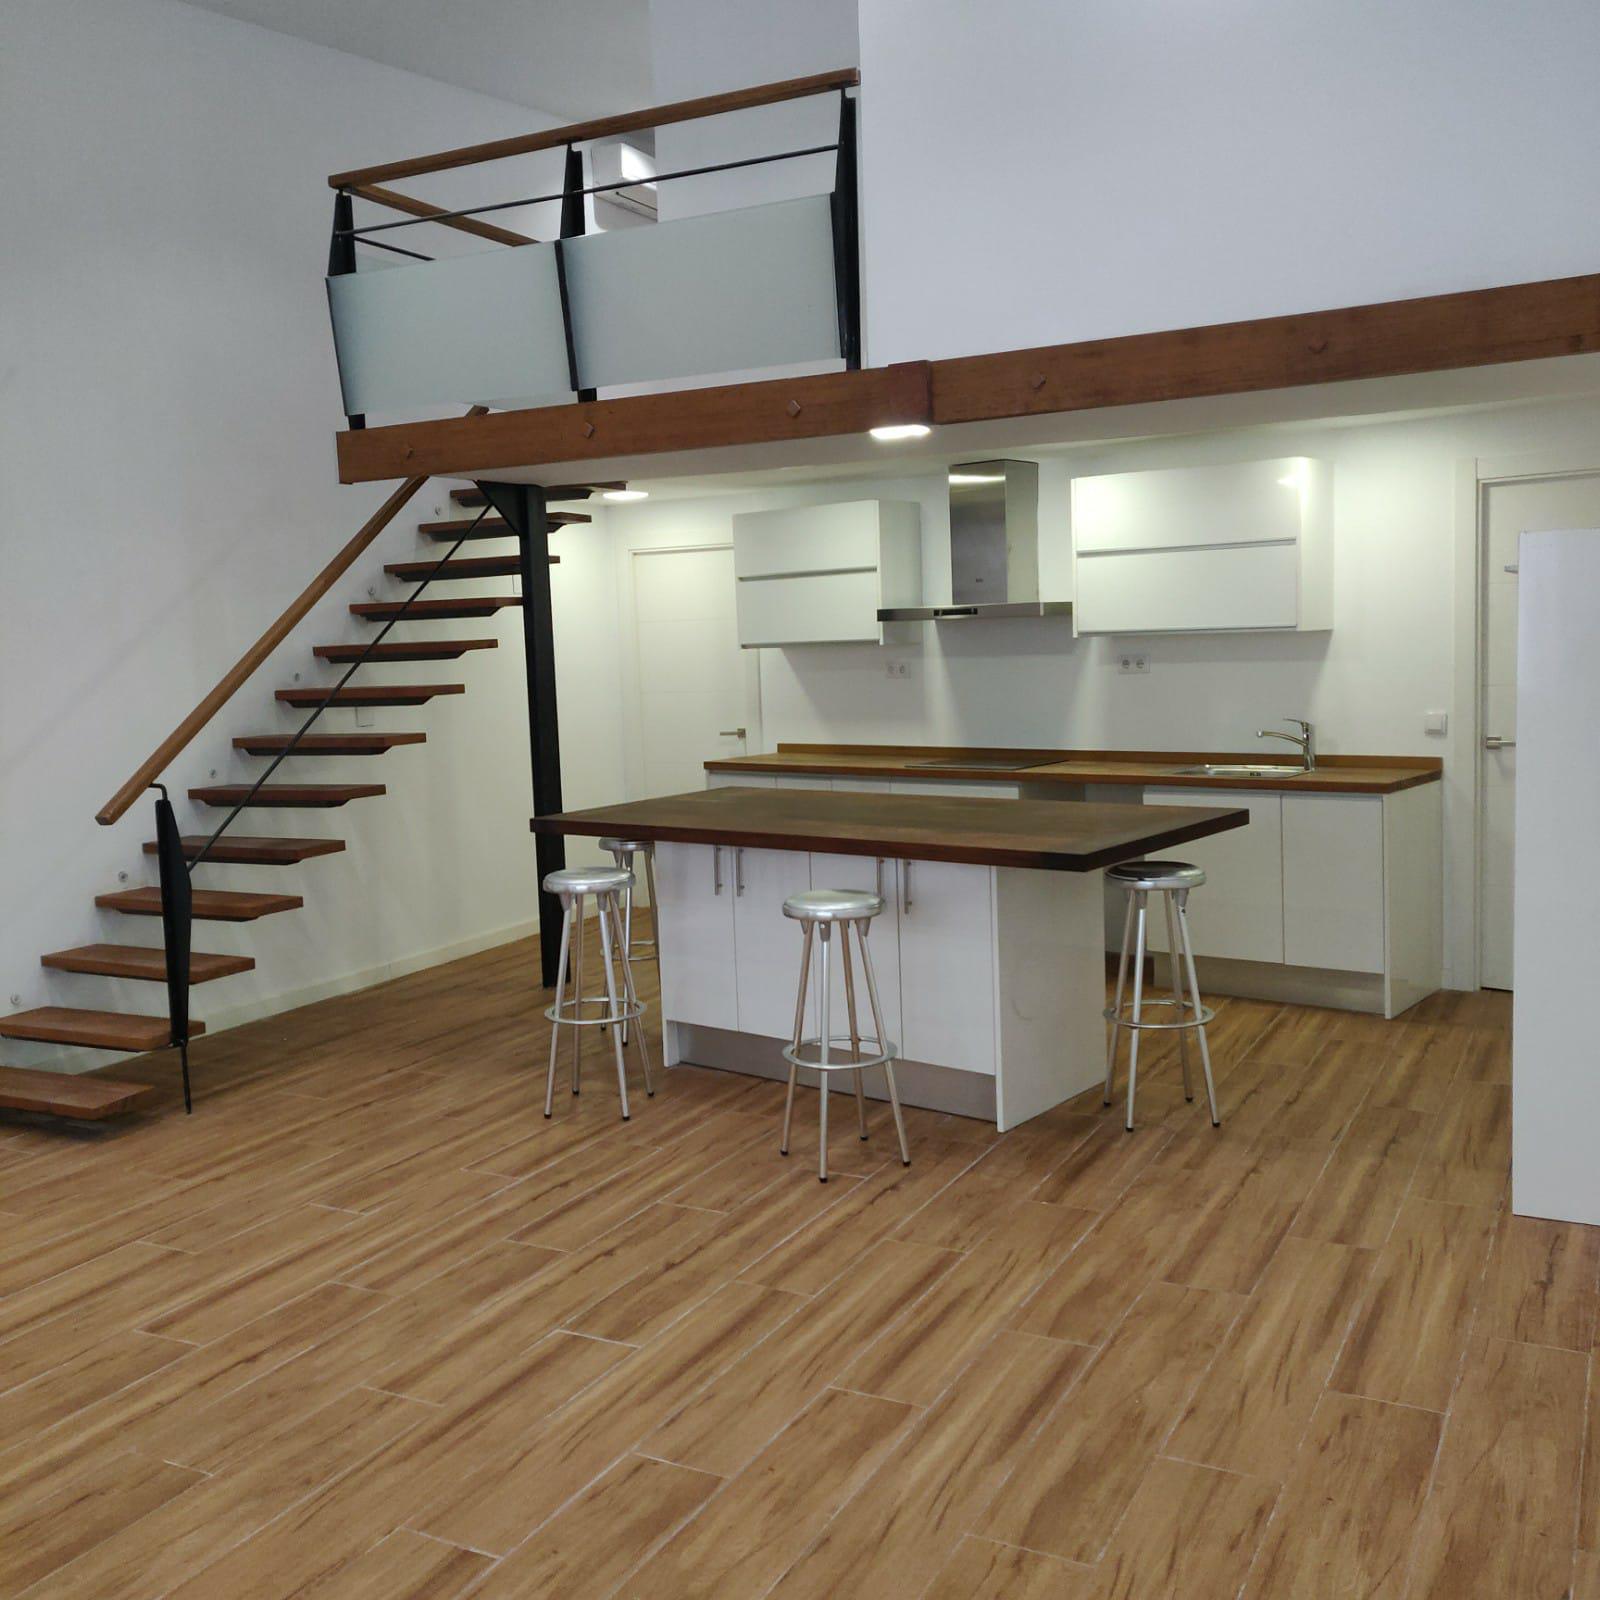 Imagen 3 Casa Aislada en venta en Hospitalet De Llobregat L´ / Junto al metro de torrasa.